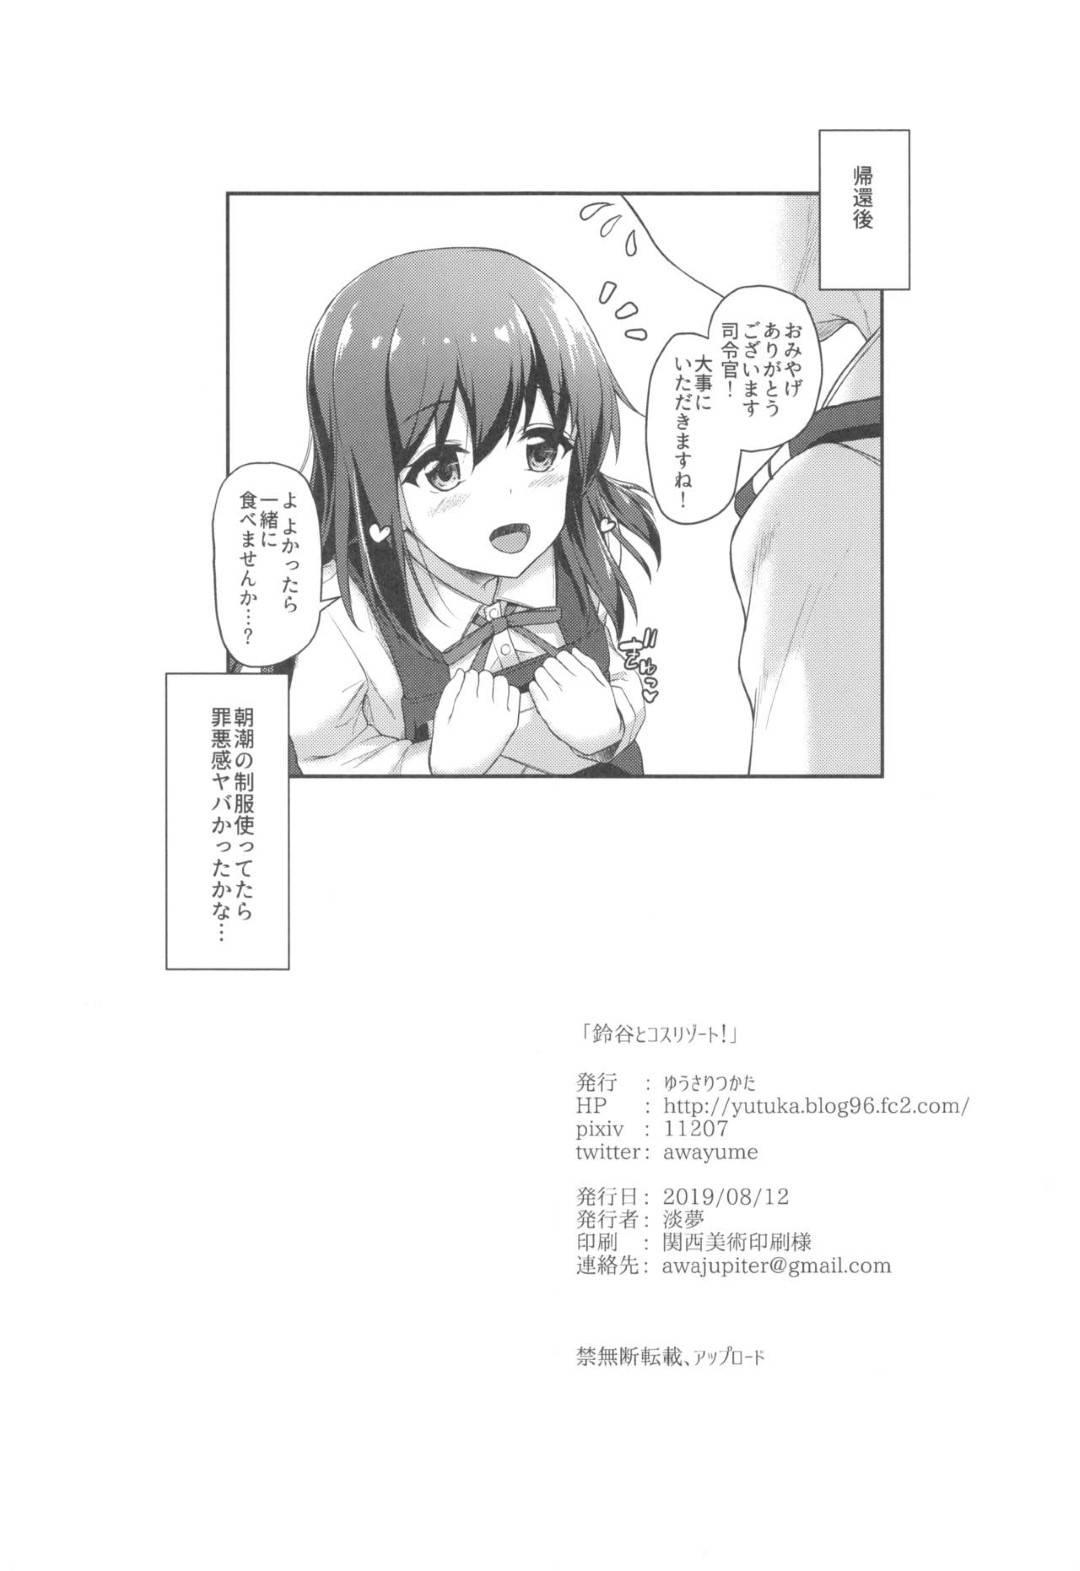 【エロ漫画】彼氏である提督とリゾートホテルへ訪れた鈴谷。彼の事を喜ばせようとコスプレ姿になって彼の事を誘惑した彼女は69の体勢でクンニさせながらフェラをして口内射精ご奉仕し、更にはそれだけで終わるわけもなく、立ちバックで中出しセックス!